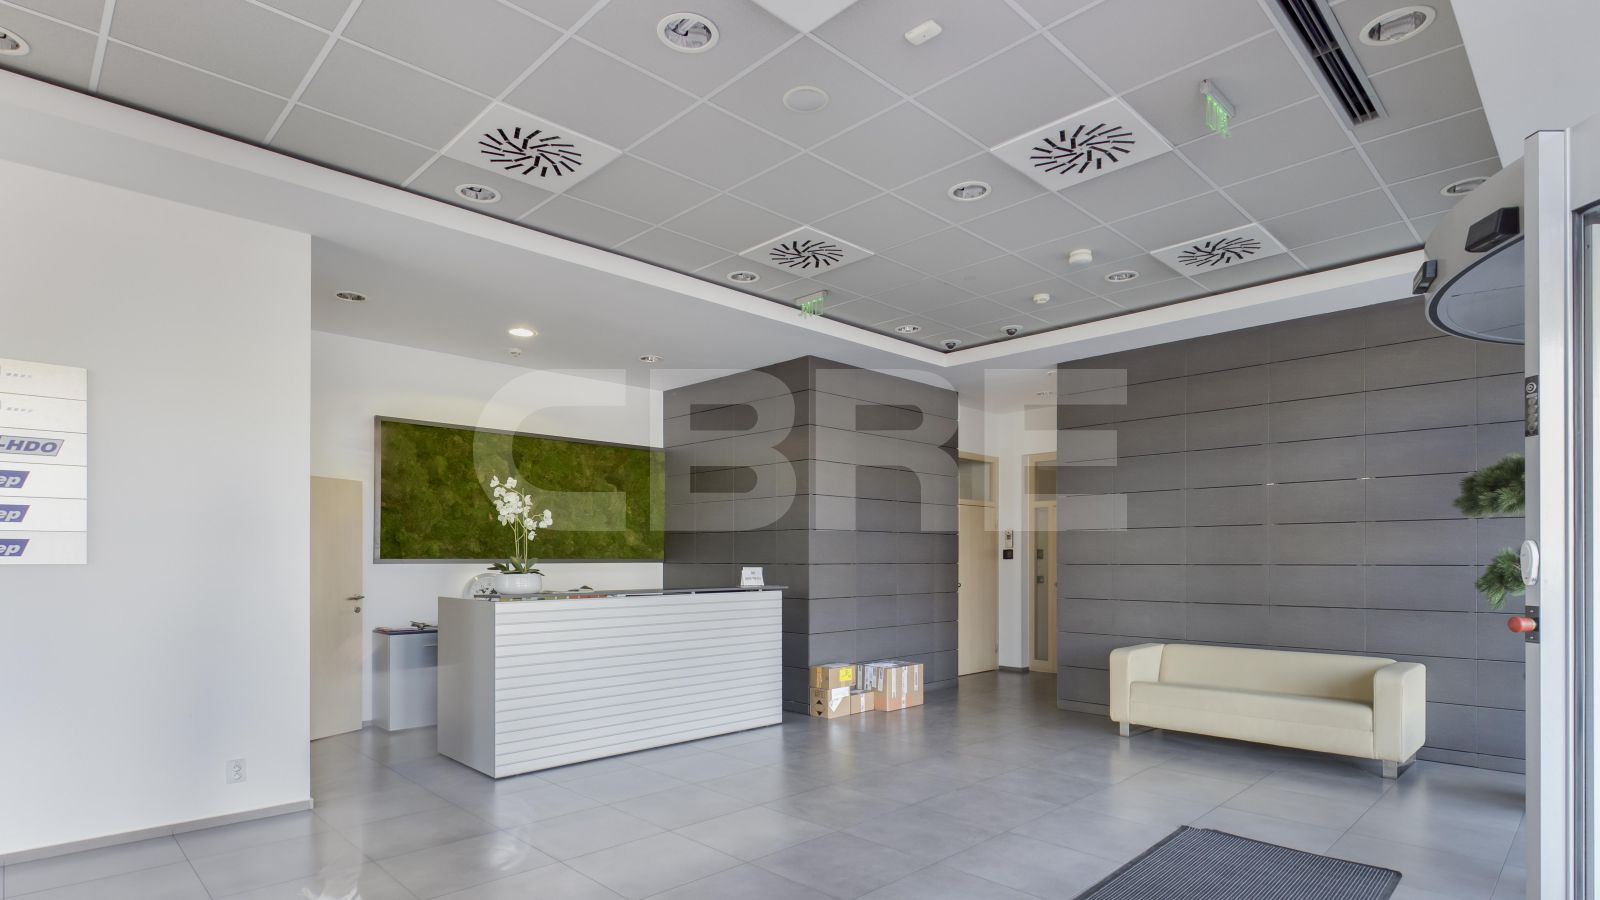 MicroStep - Vajnorská, Bratislava - Nové Mesto | Offices for rent by CBRE | 1